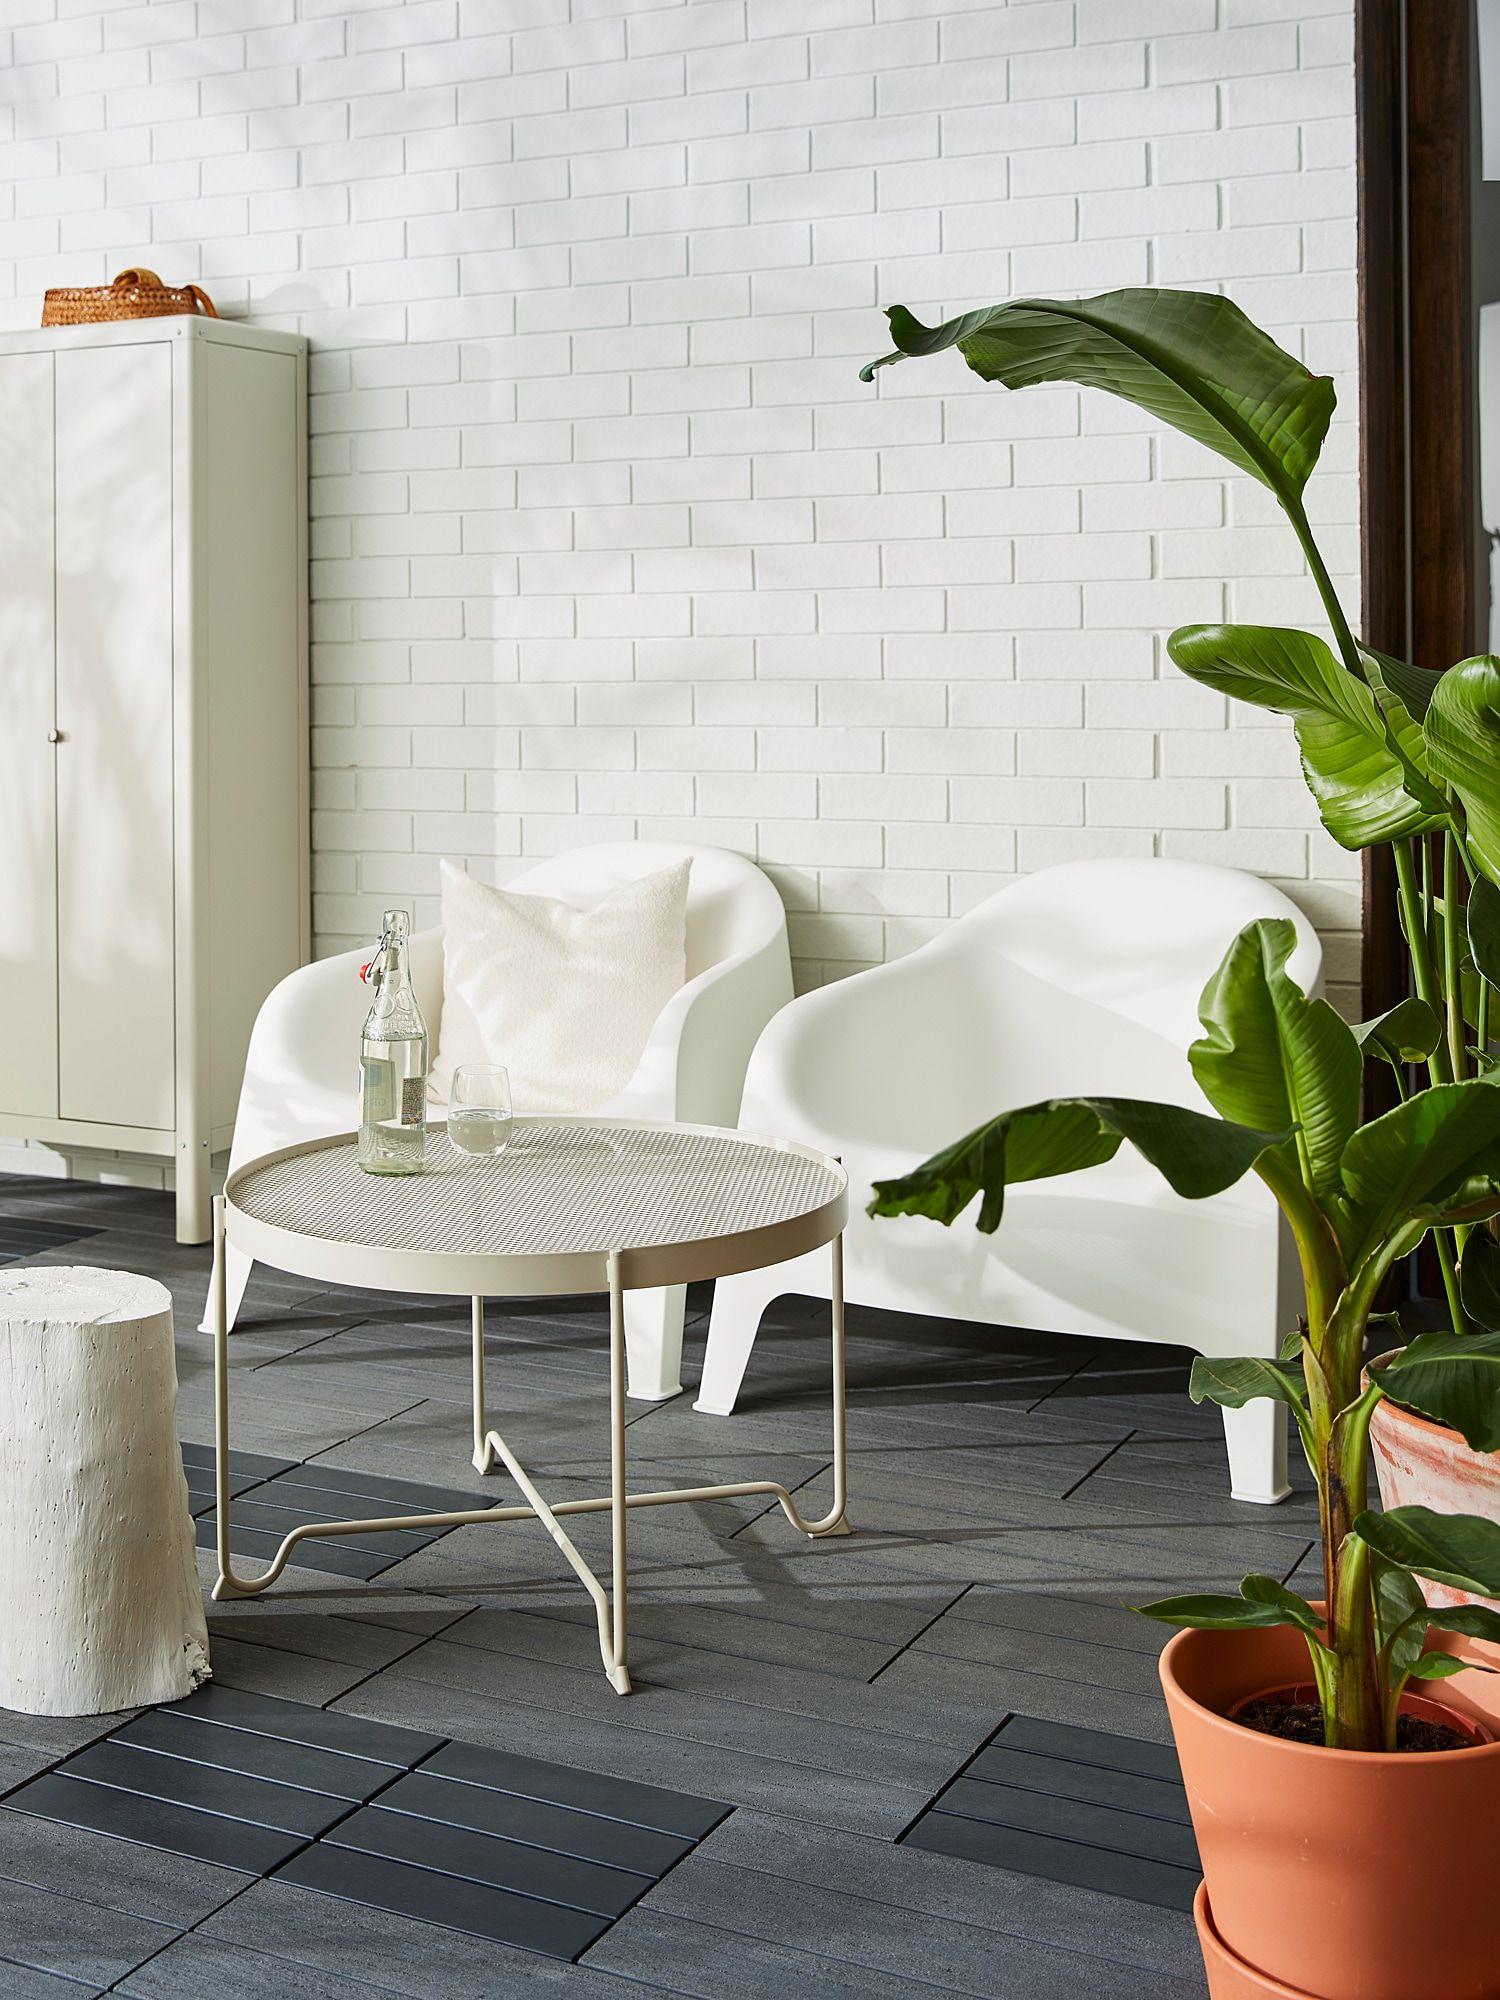 Skarpo Armchair Outdoor White Ikea In 2021 Coffee Table Outdoor Flooring Ikea Outdoor [ 2000 x 1500 Pixel ]